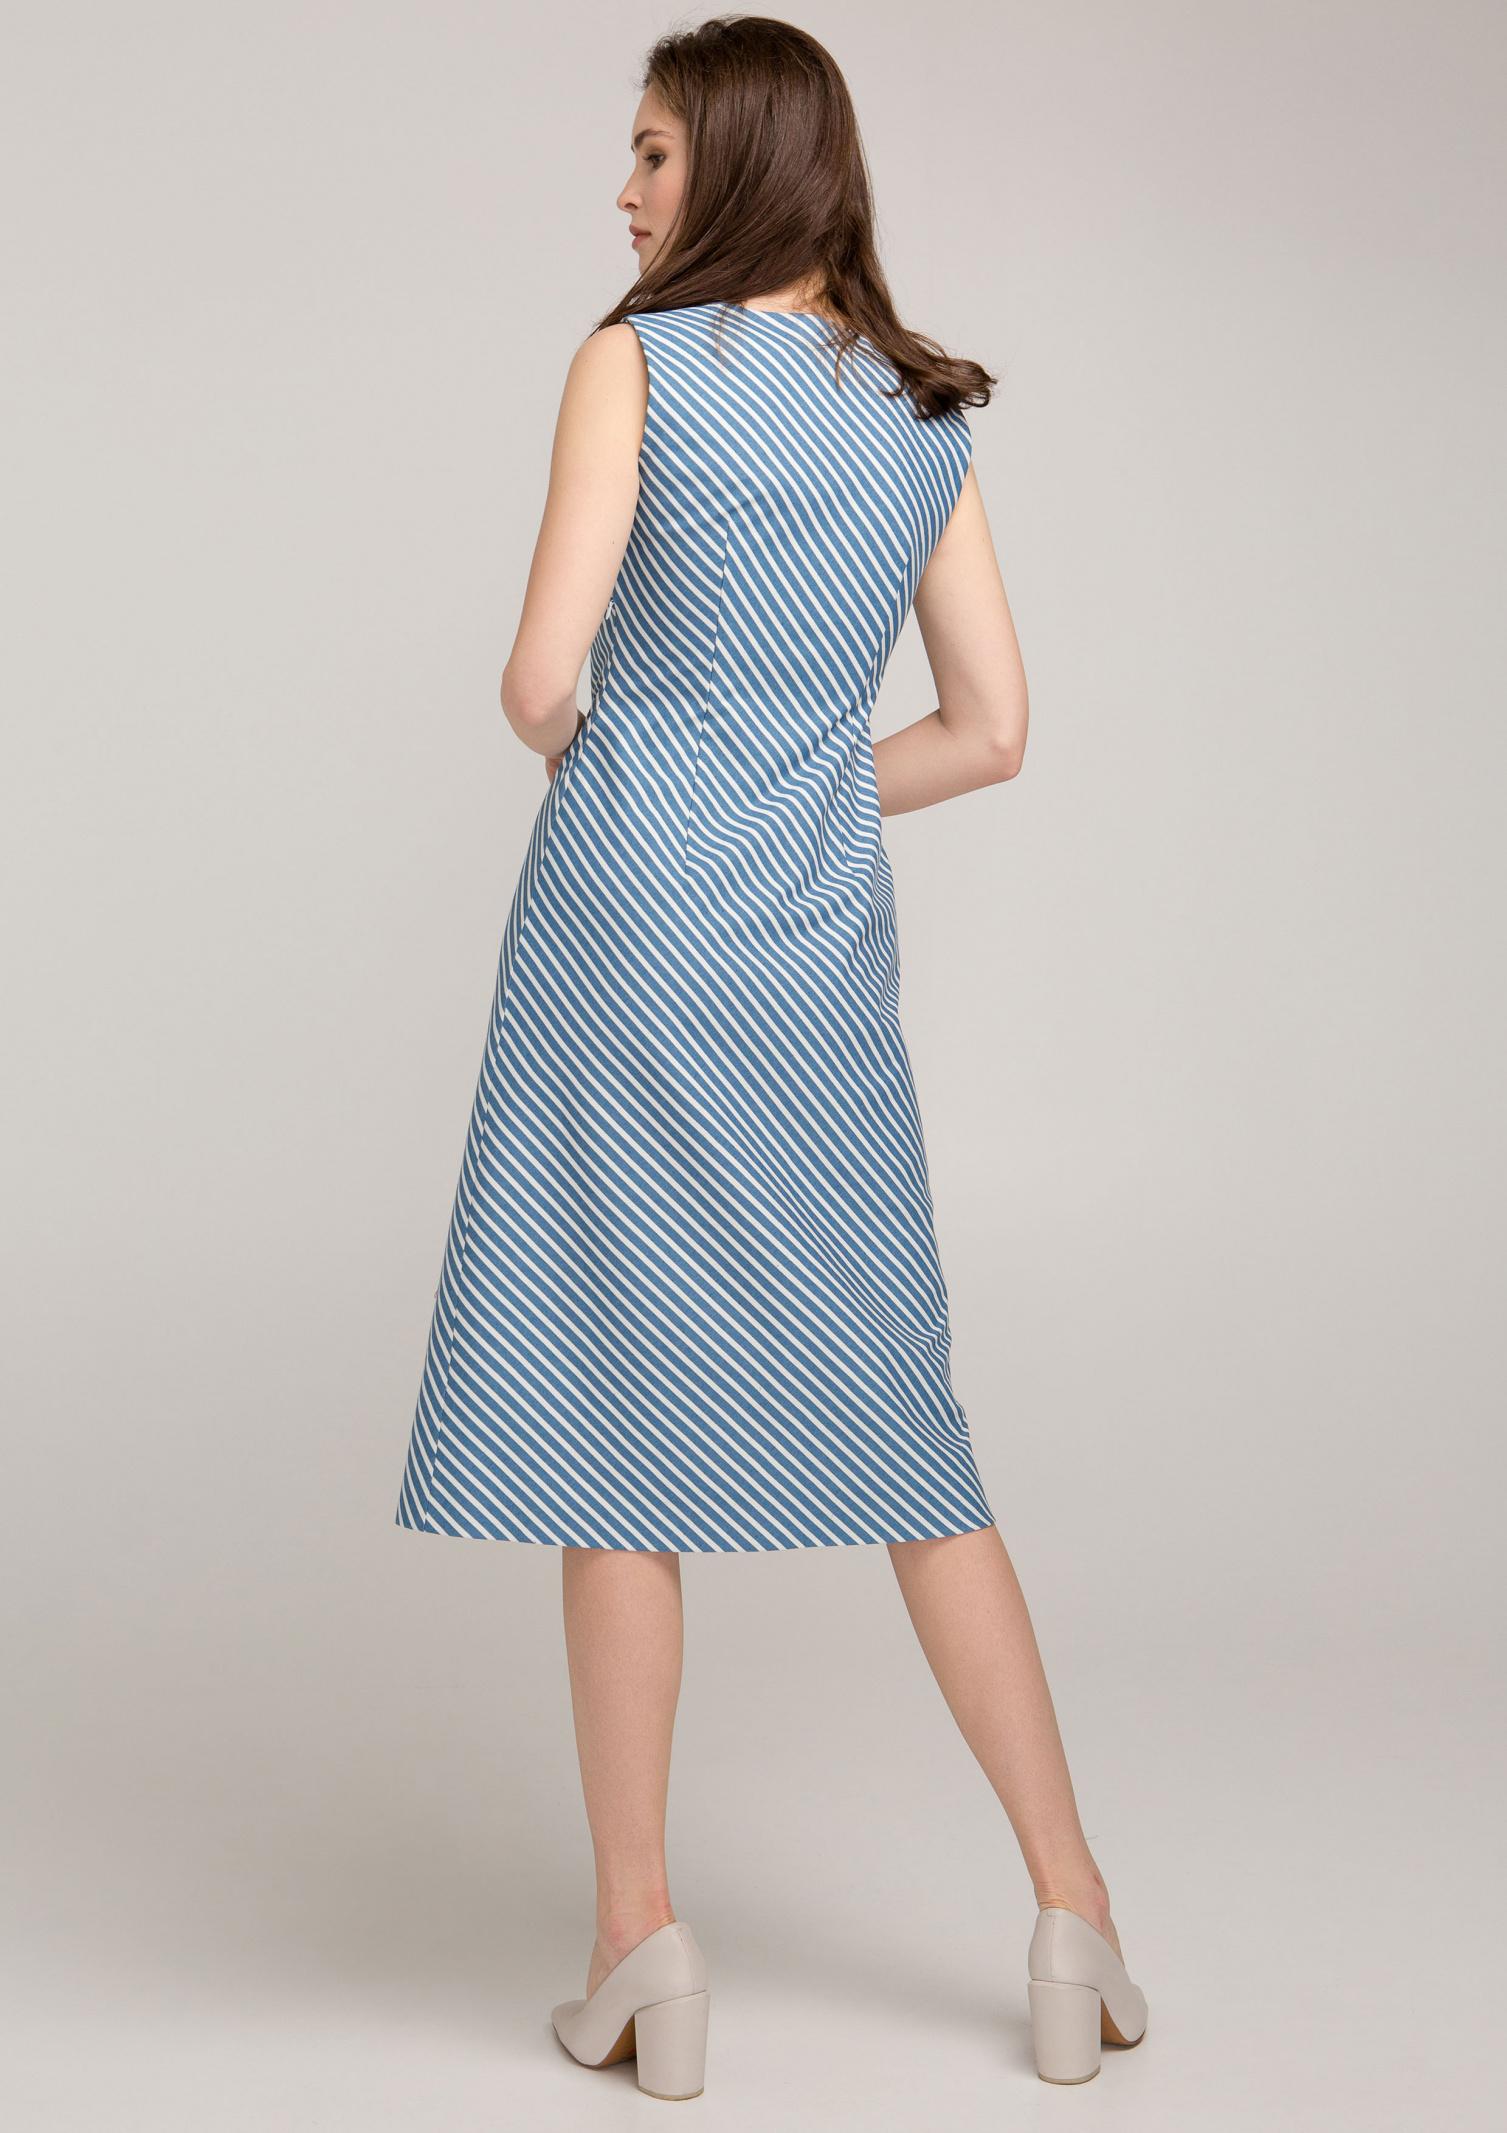 Samange Сукня жіночі модель 5DS_47 купити, 2017